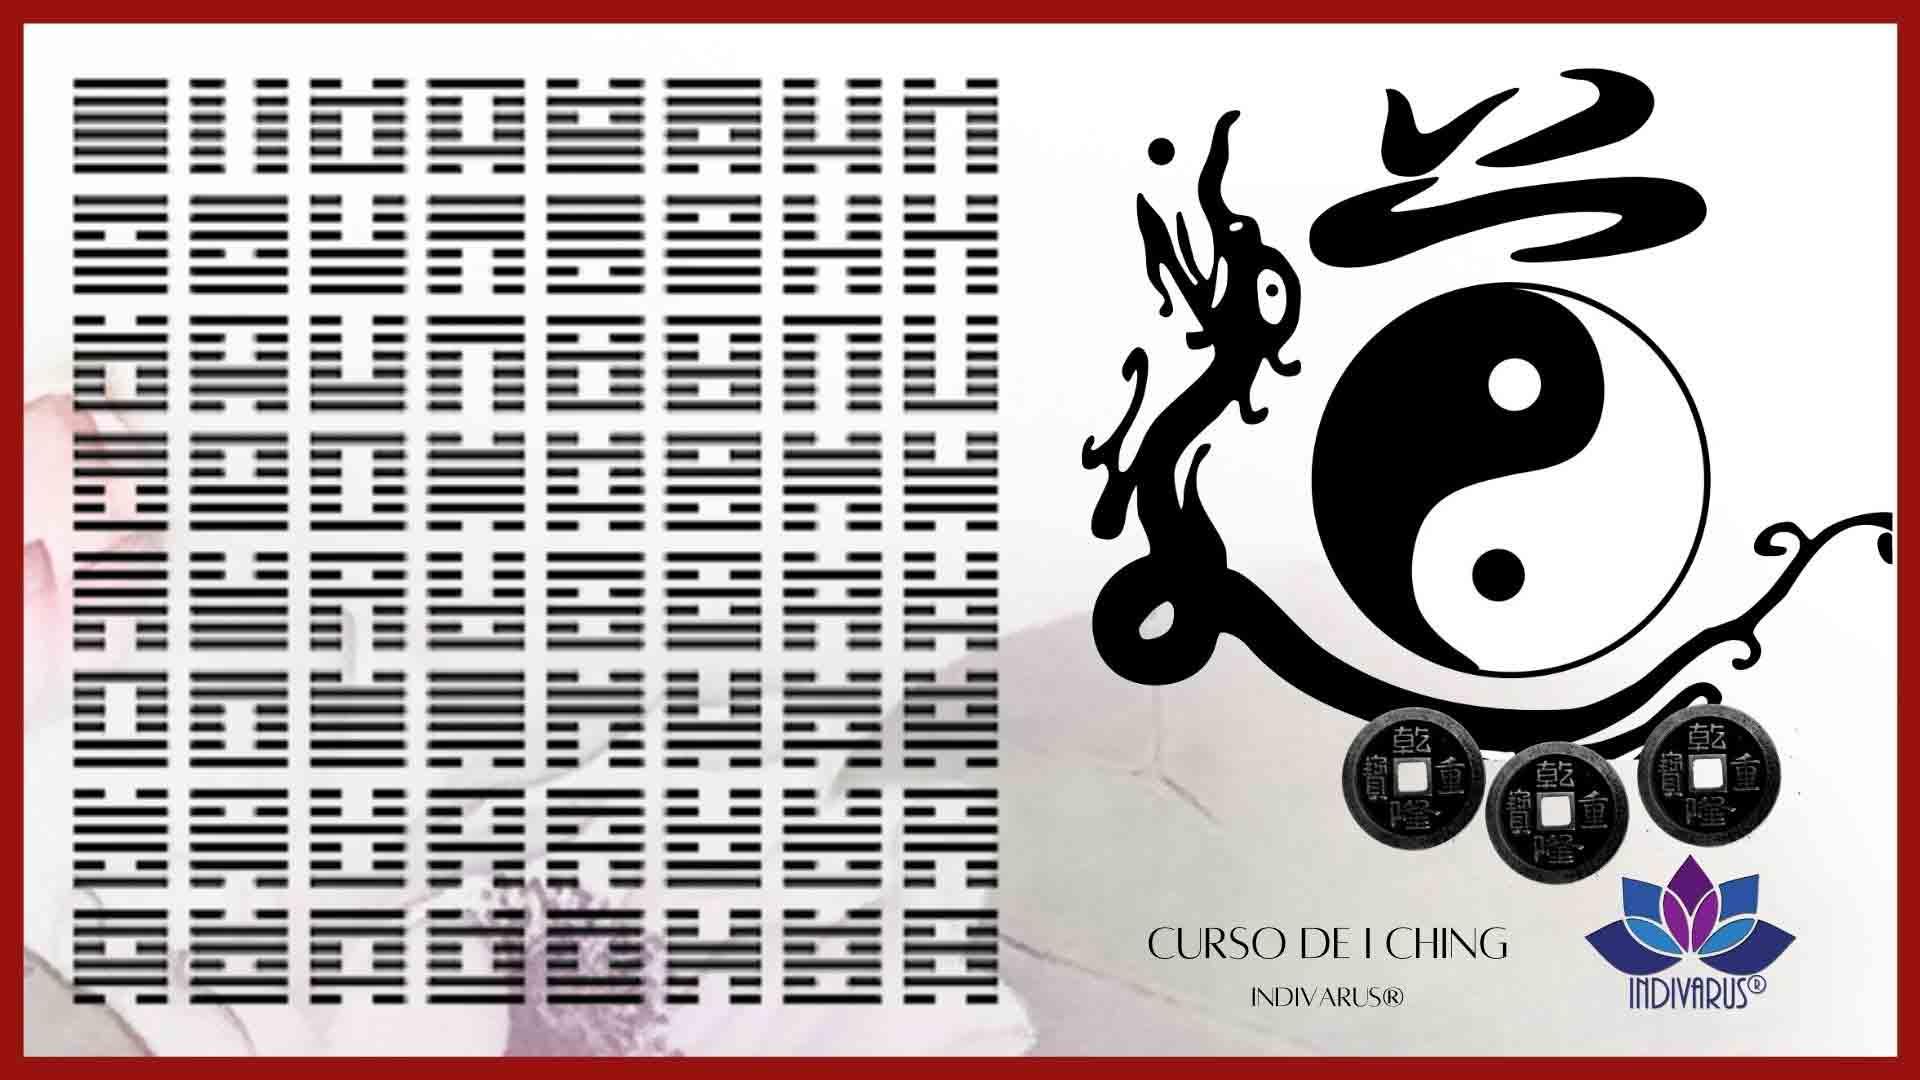 IC1G2p2p Introducción al I Ching